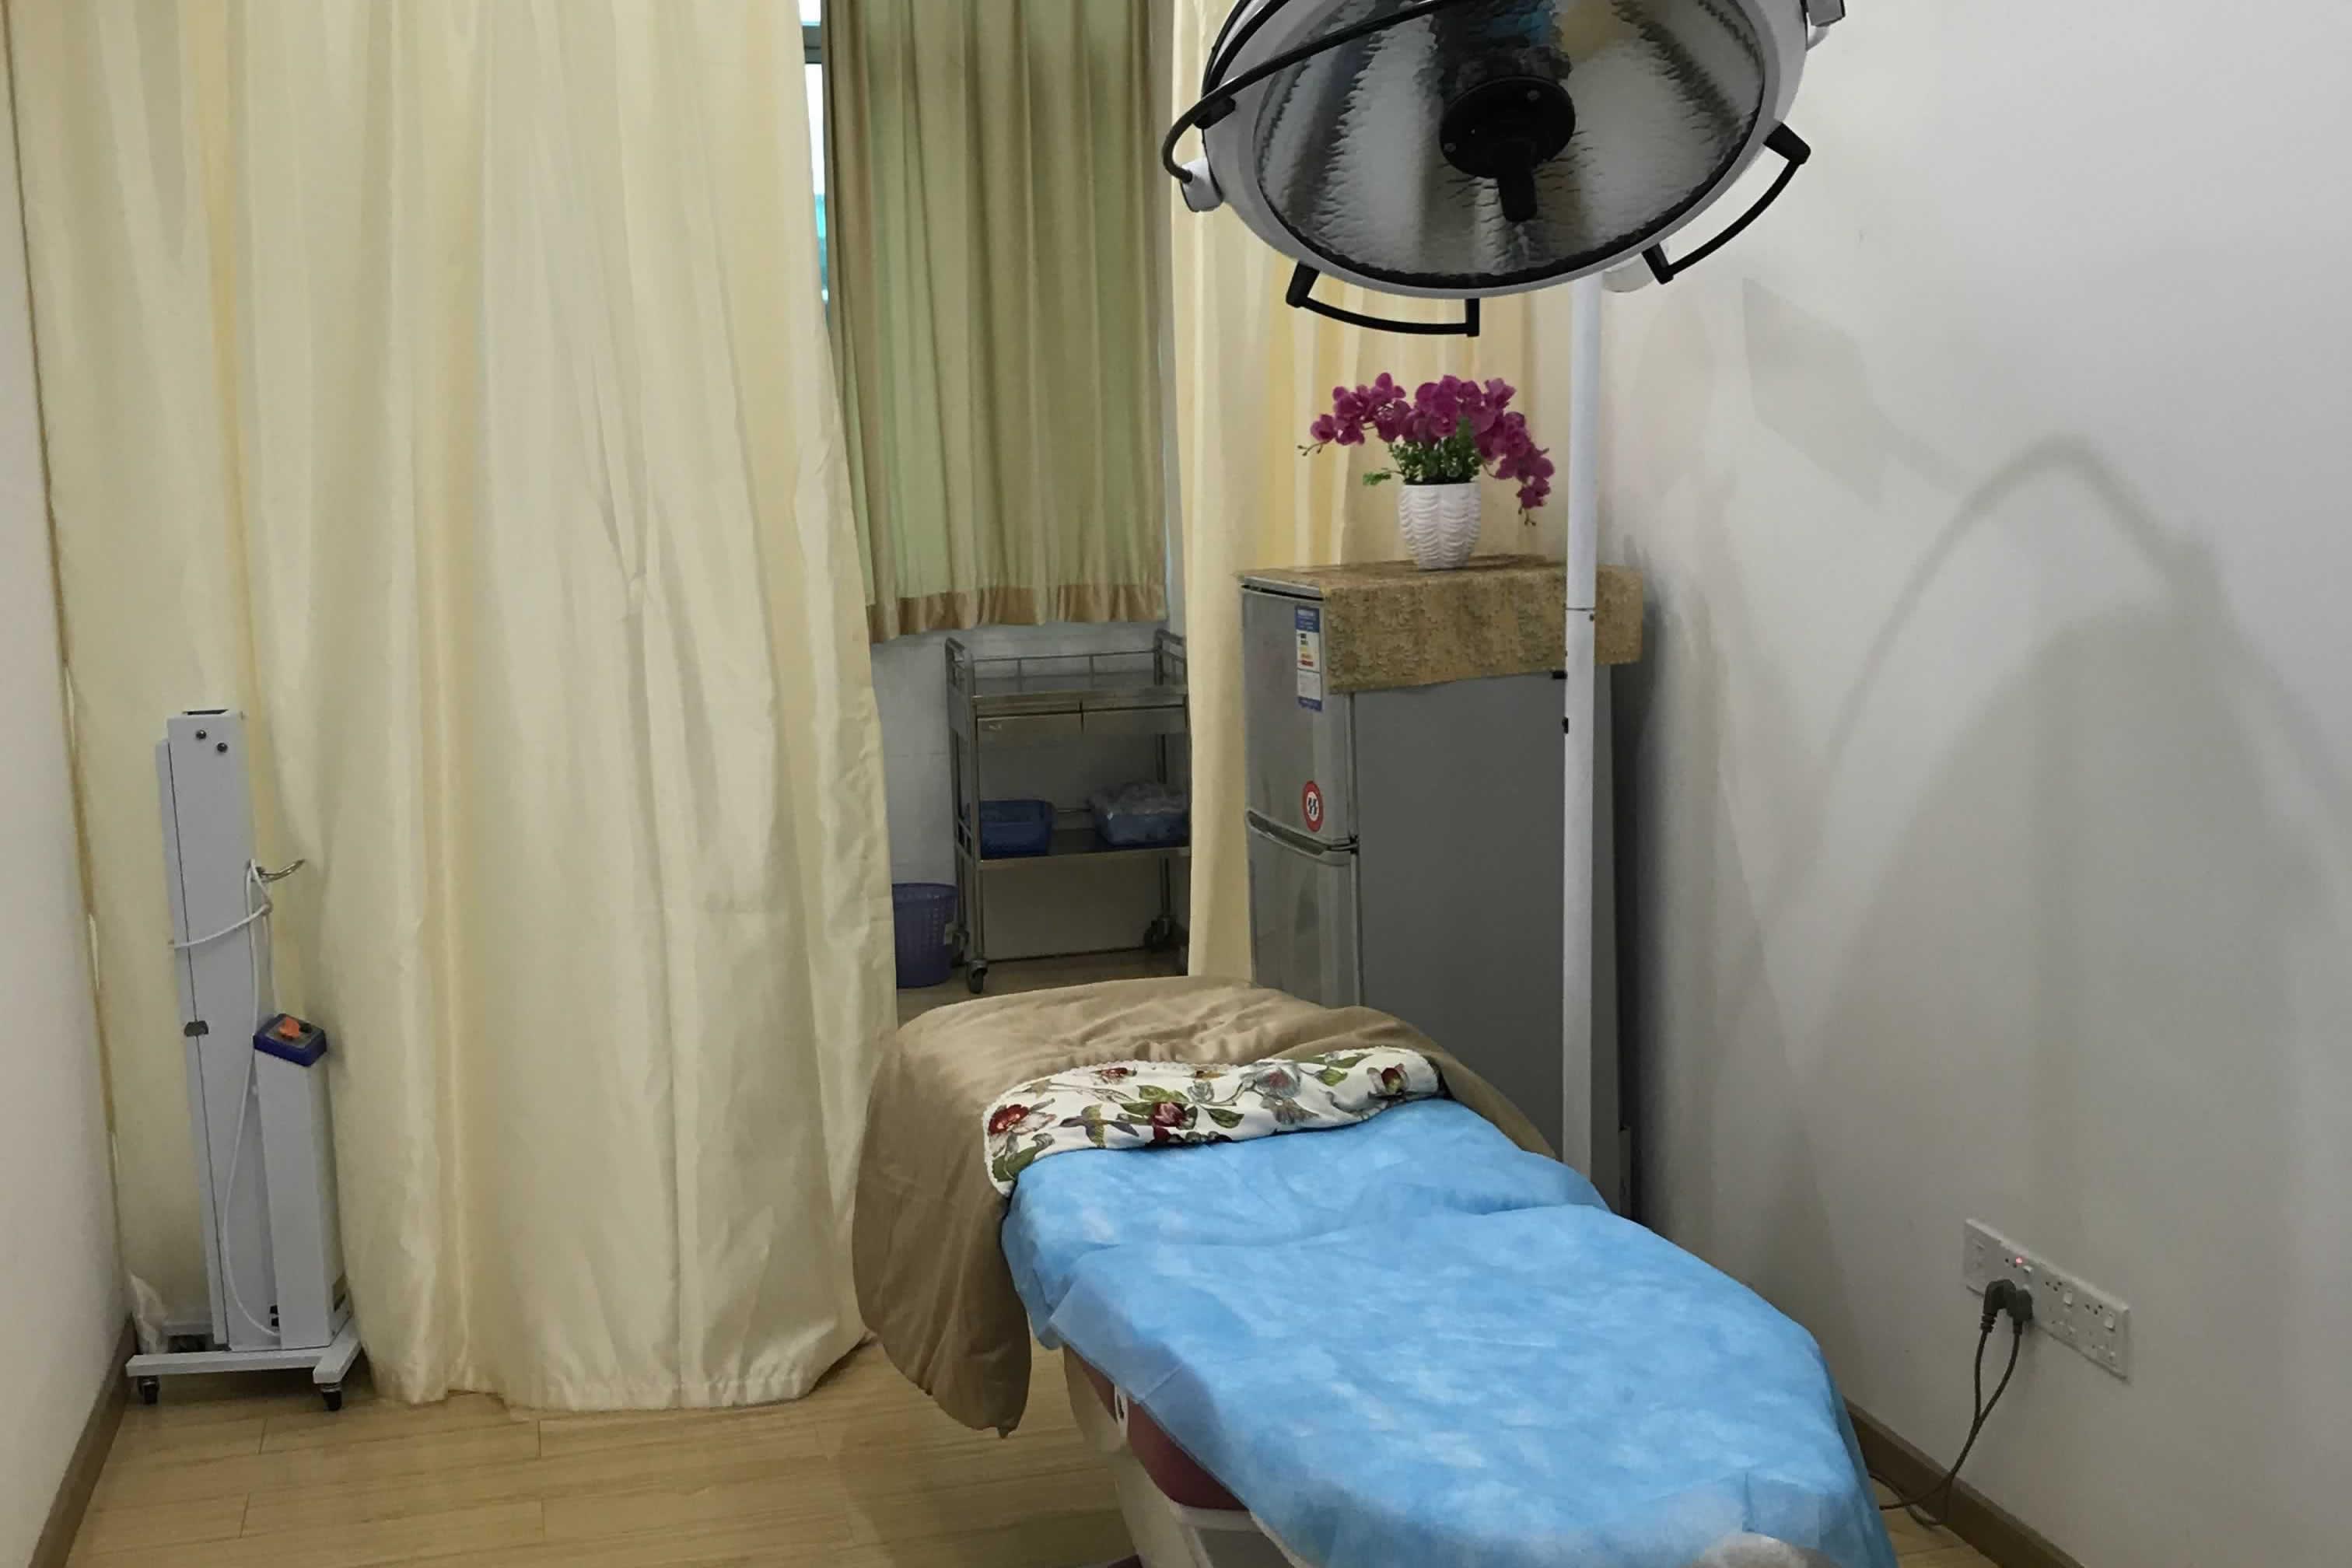 中信惠州医院医学美容科口碑如何?手术安全吗?